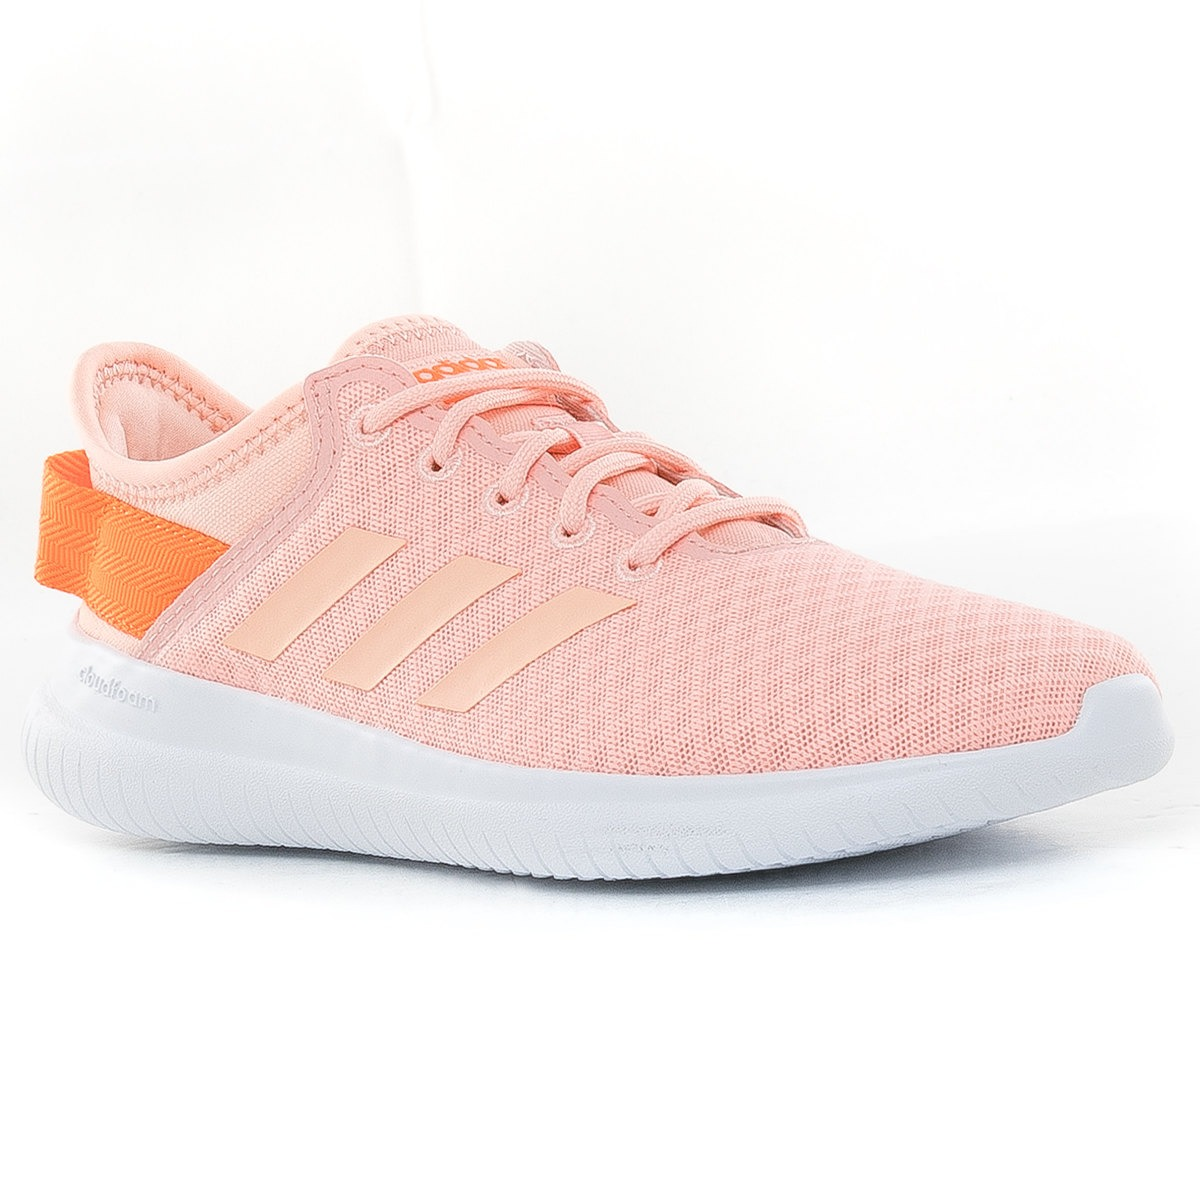 09a4ec97a14 zapatillas cloudfoam qt flex rosa adidas. Cargando zoom.